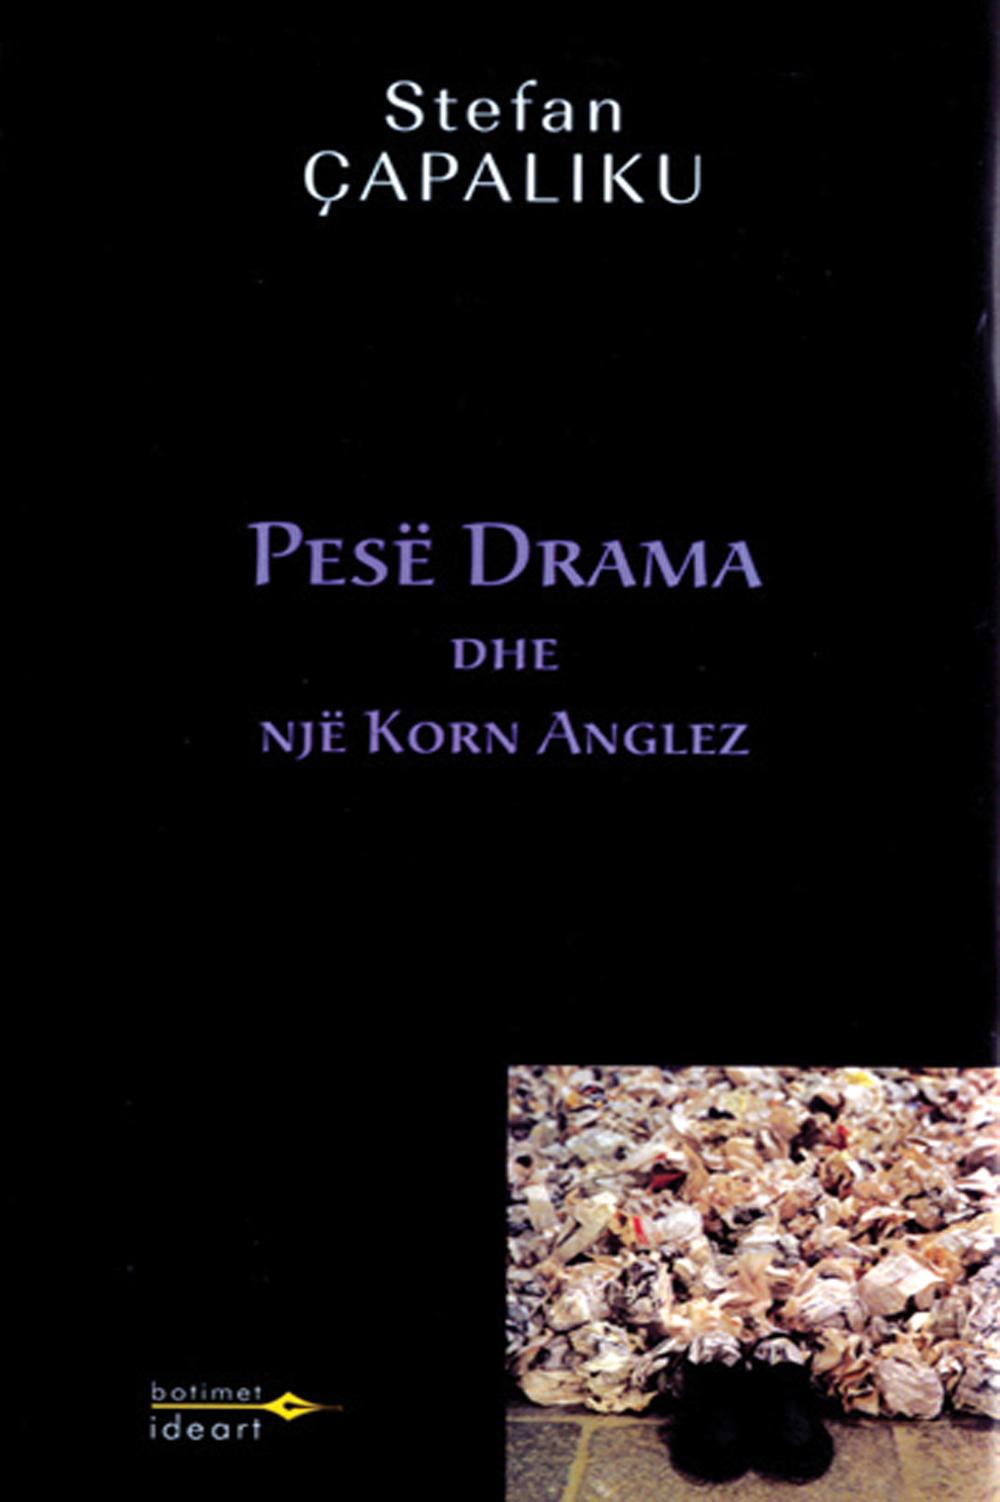 Pesë drama dhe një korn anglez